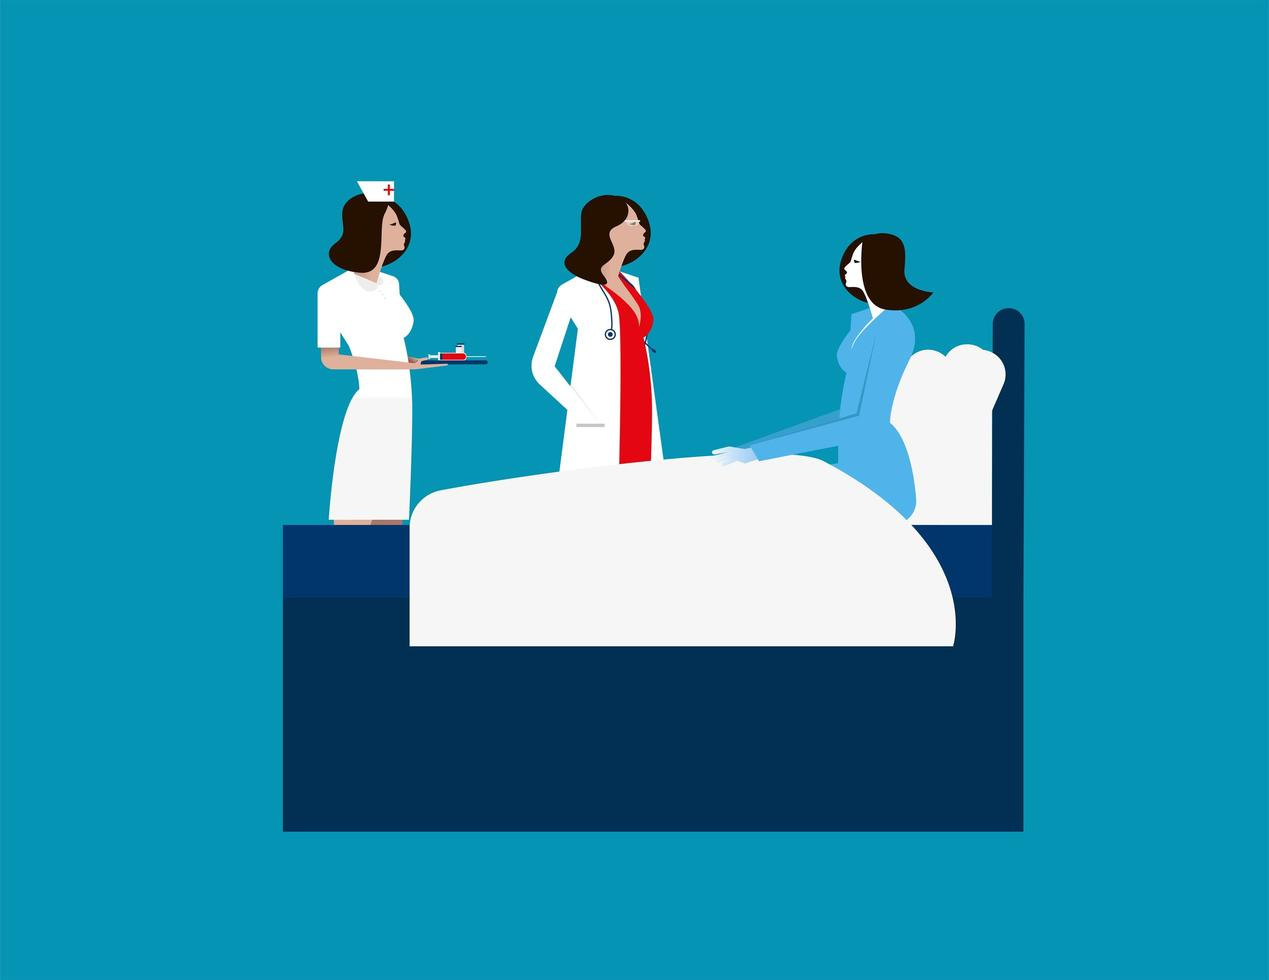 medico donne operatori sanitari dell'ospedale vettore